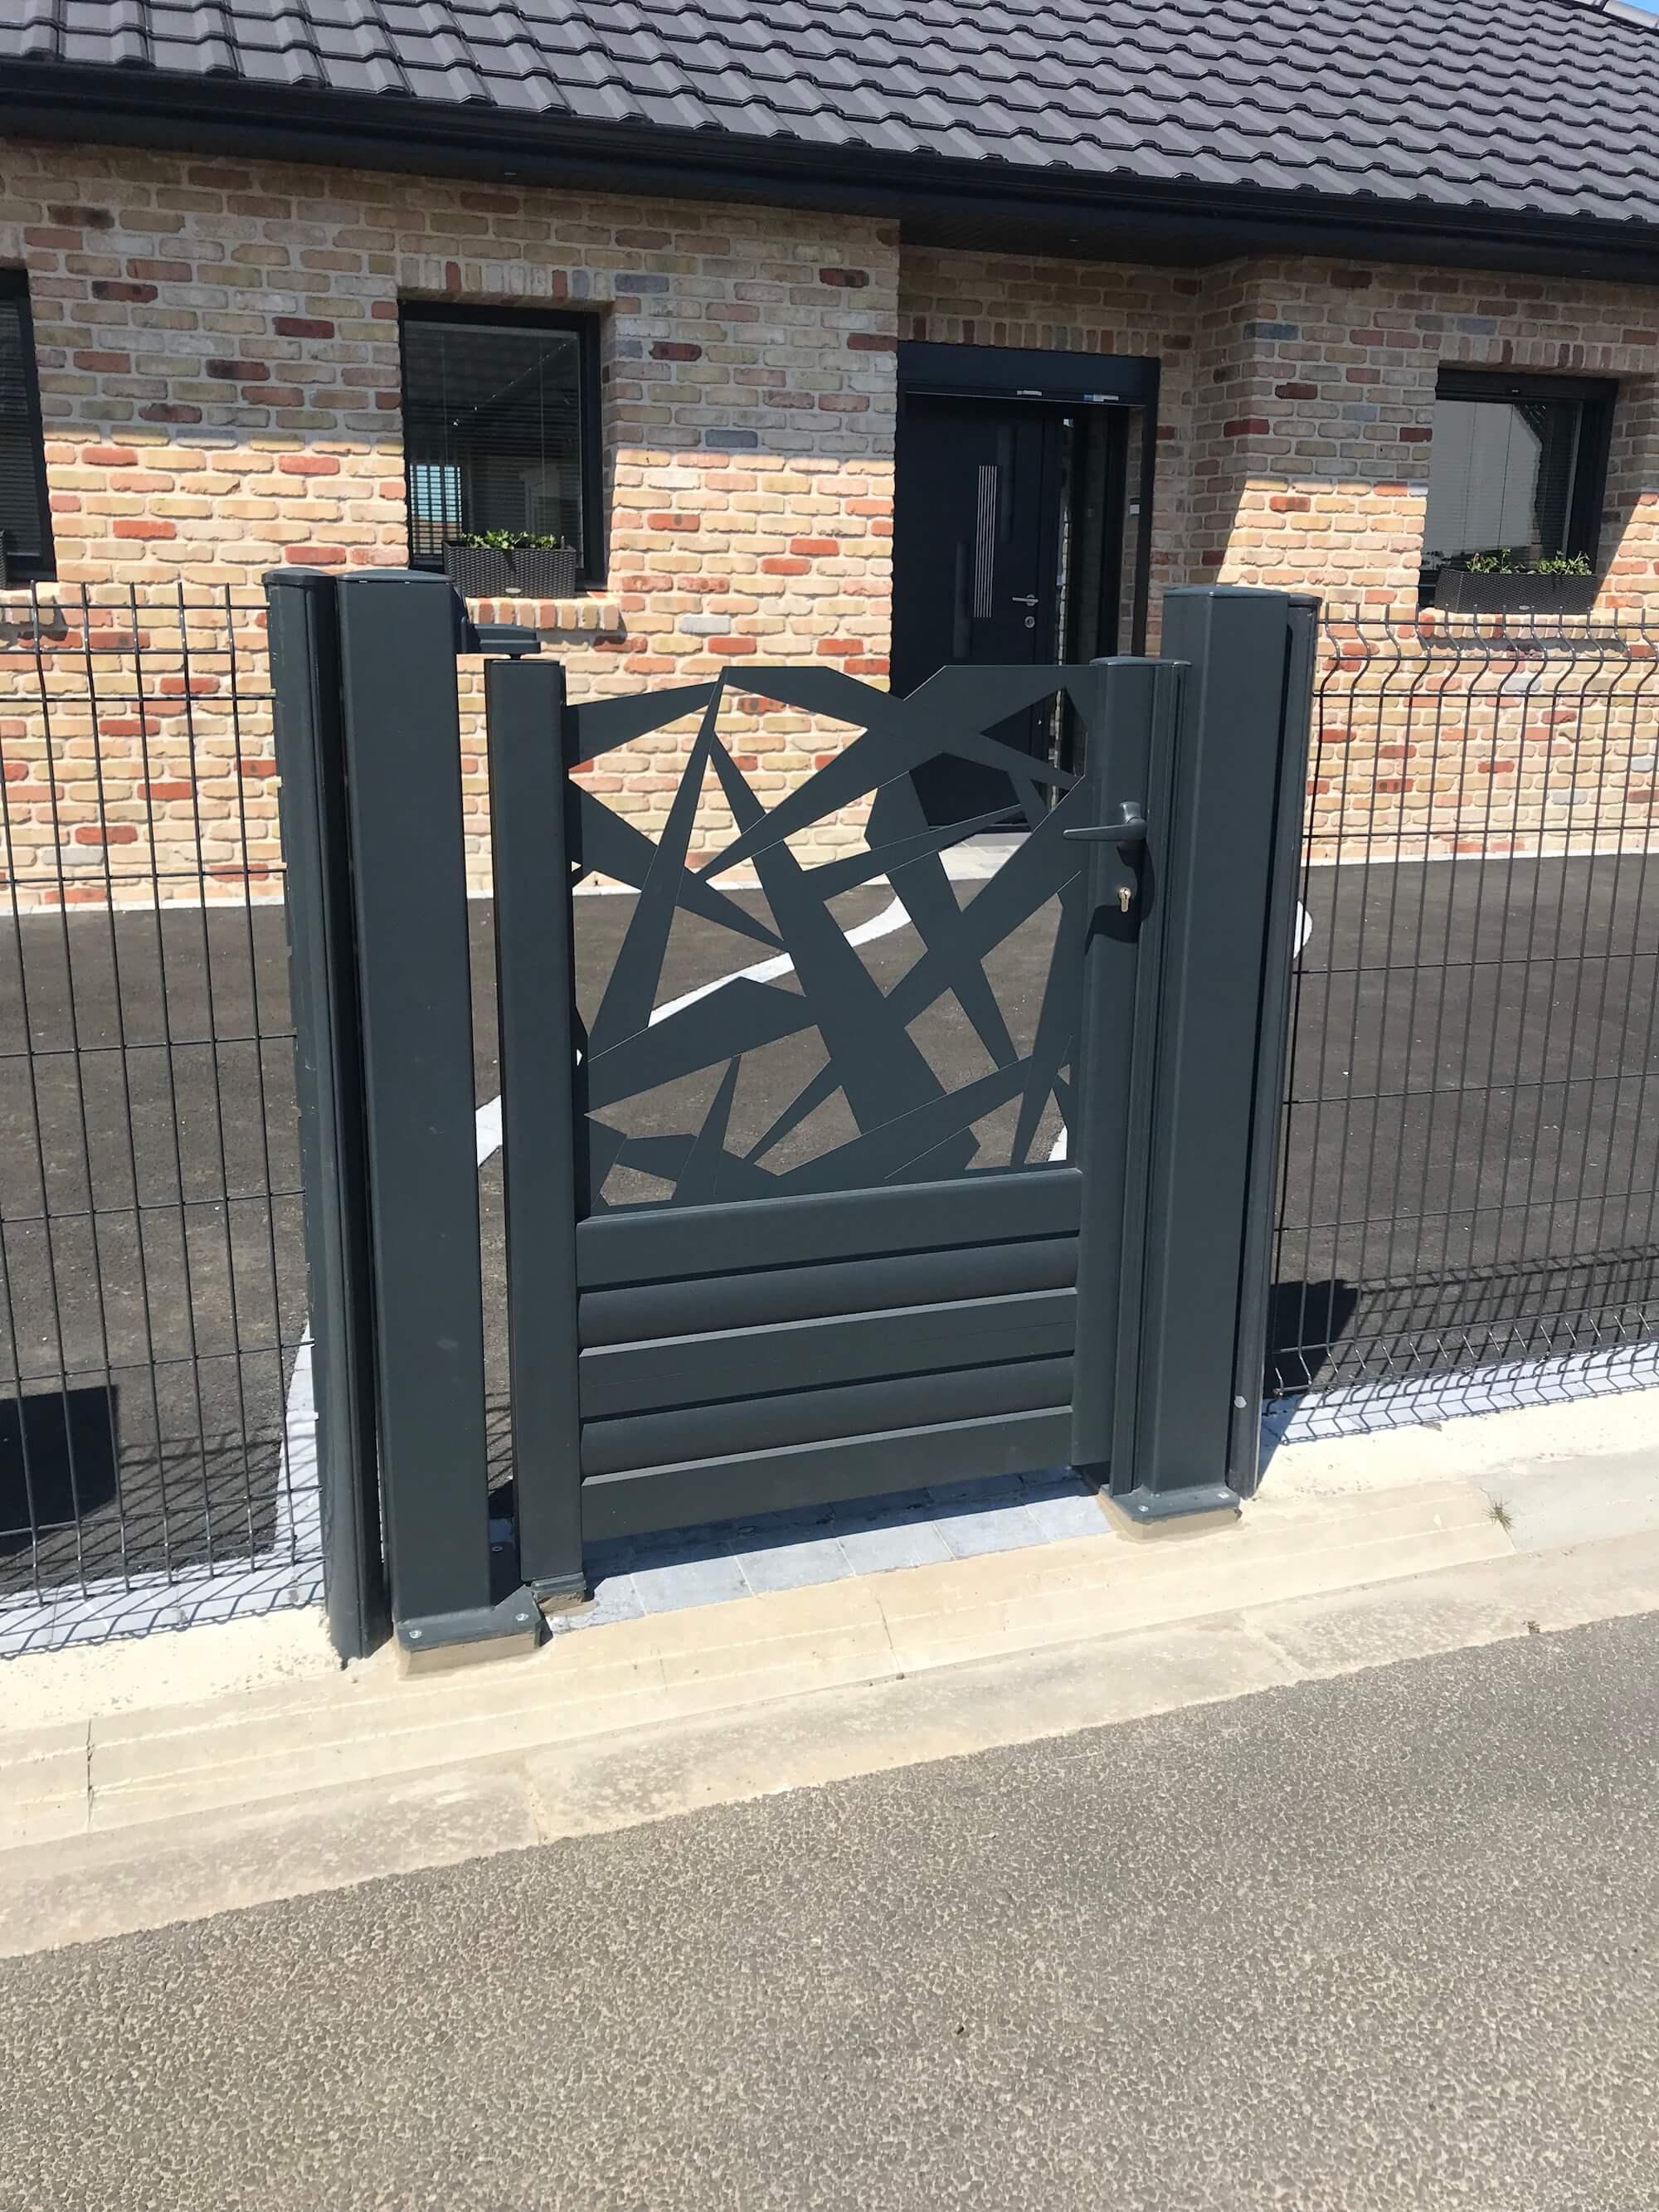 portail hazebrouck, portail aire sur la lys, portail merville, portail bethune, portail lille, portail sur mesure, portail aluminium, portail 62 8